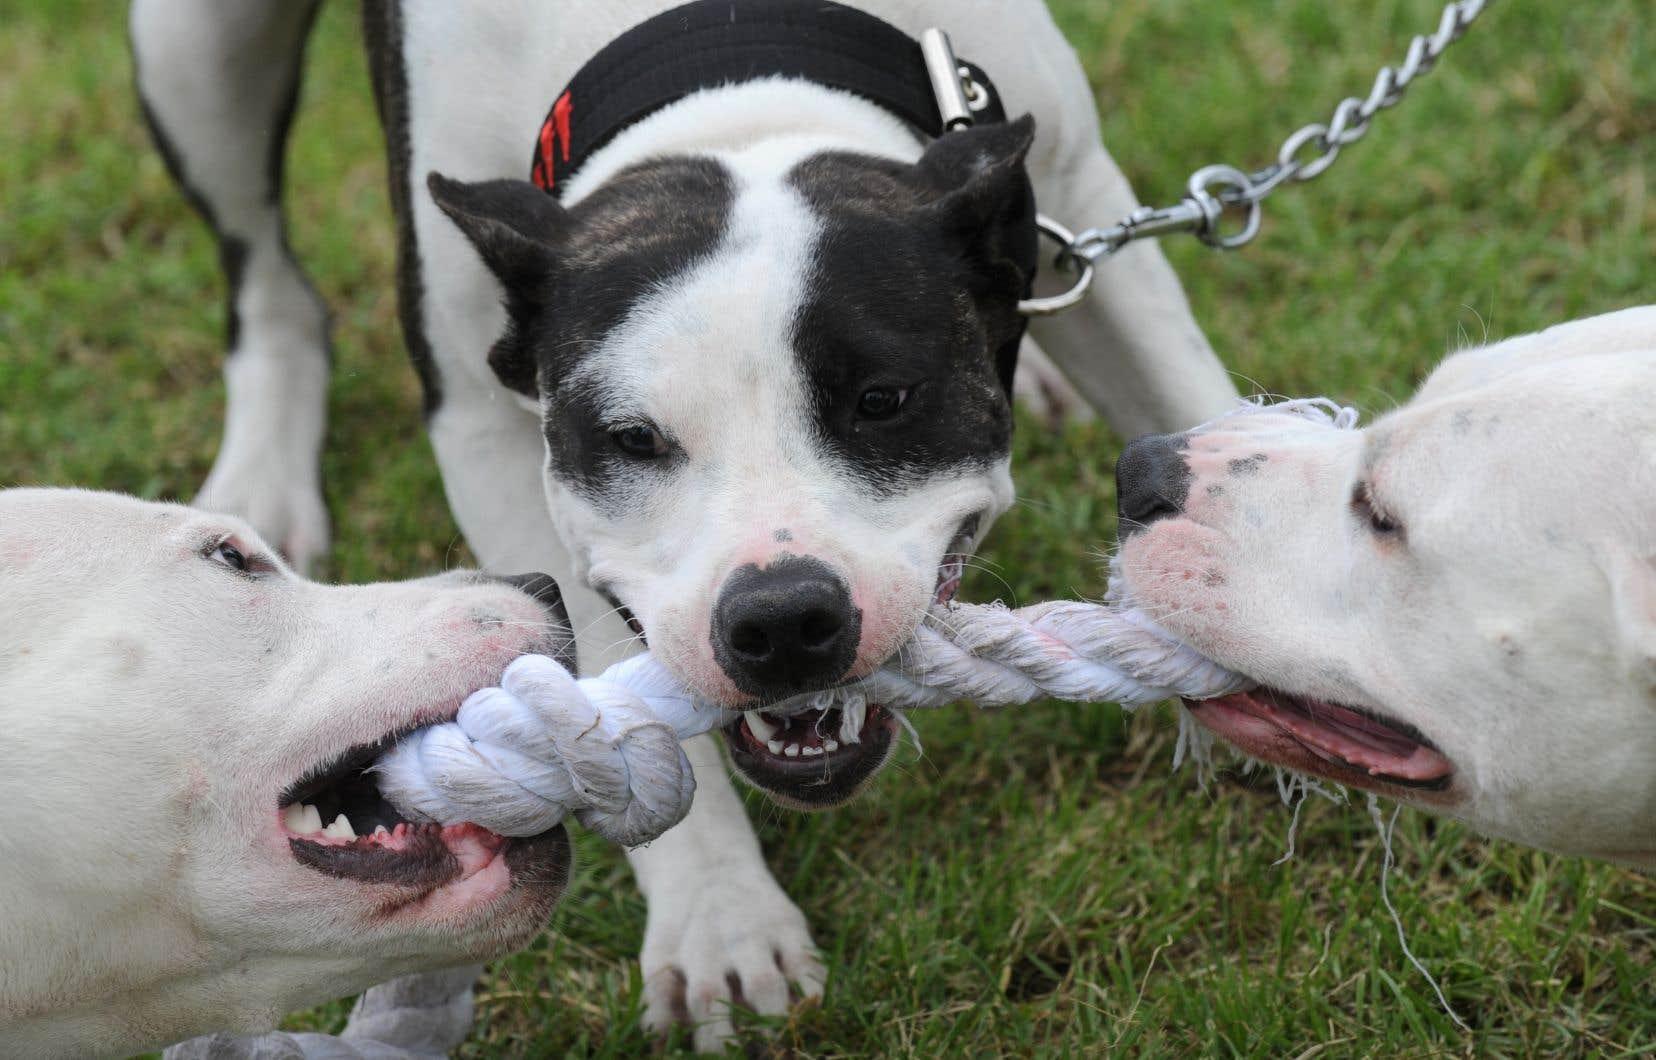 Puisque la majorité des chiens ne sont pas de race pure, un propriétaire pourrait prétendre que son chien à l'apparence de pitbull n'en est pas un, estime l'auteur.